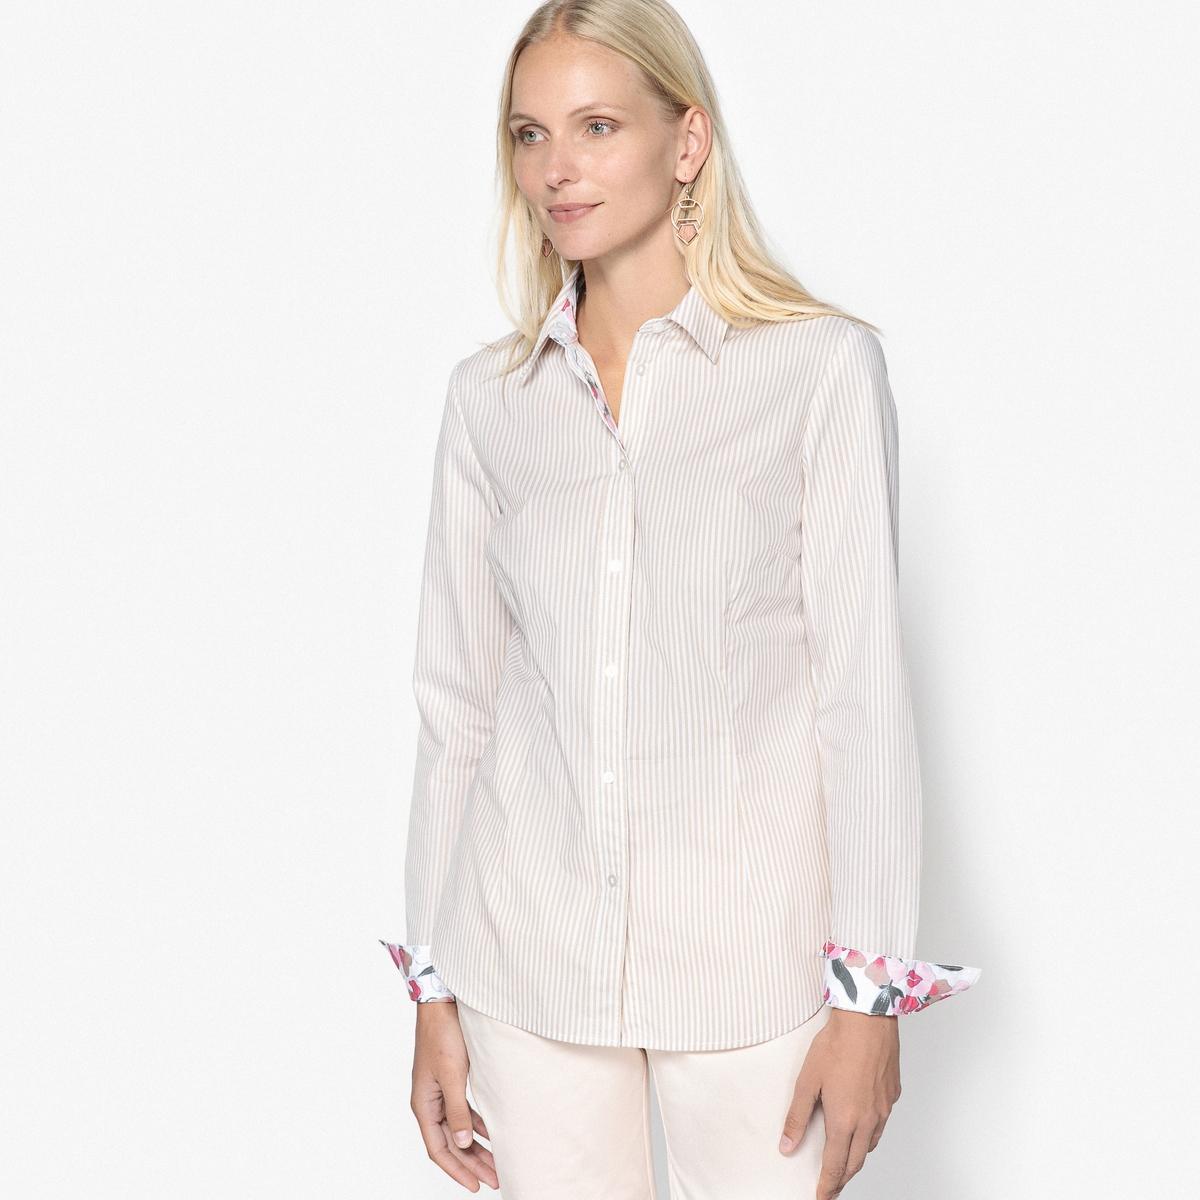 Блузка с рубашечным воротником и рисунком в полоску из окрашенных волокон